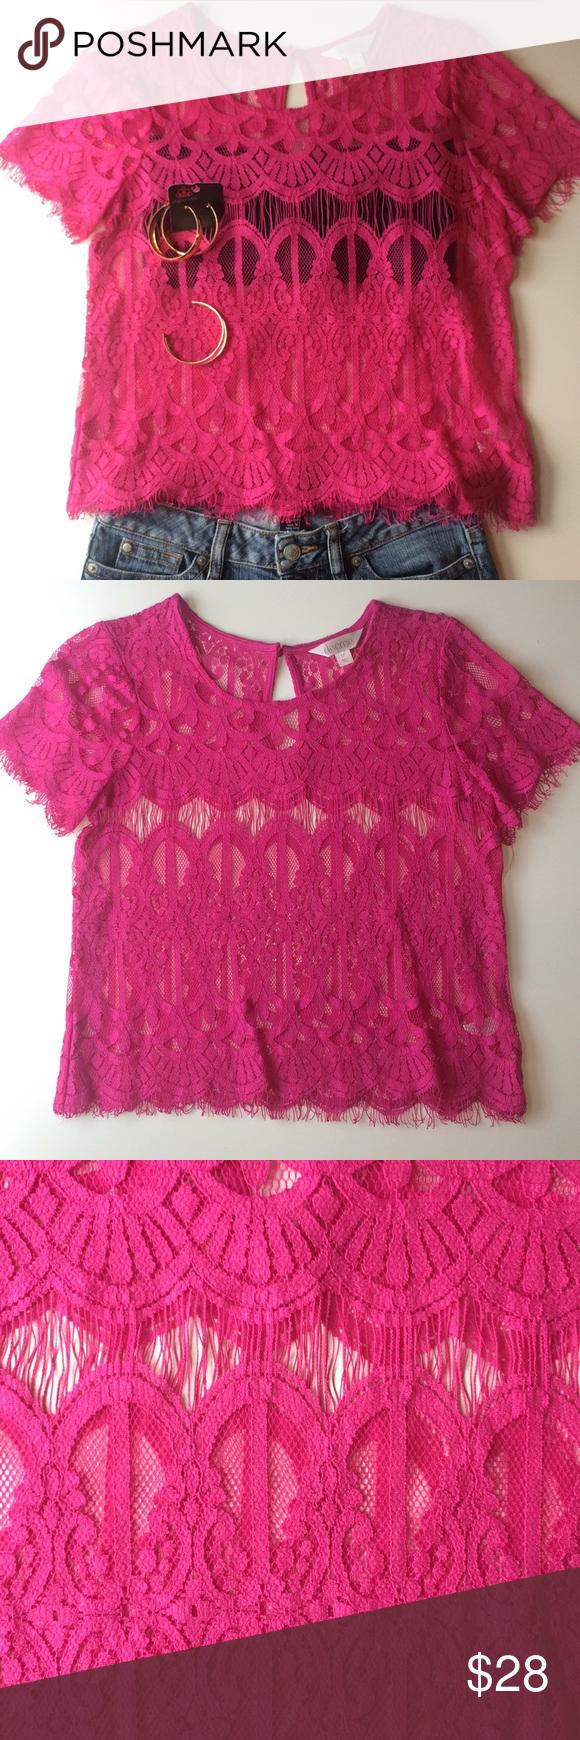 Hot pink lace top u jewelry set in my posh closet